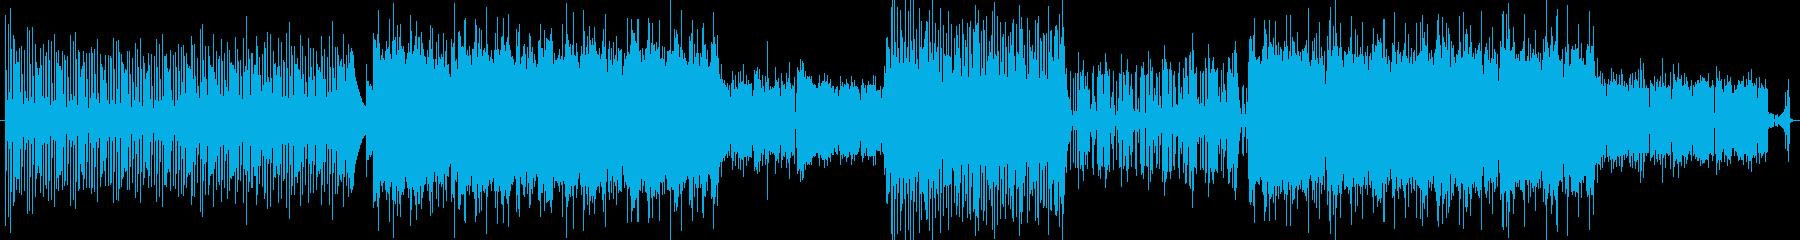 厄介な敵キャラが現れたときのBGMの再生済みの波形